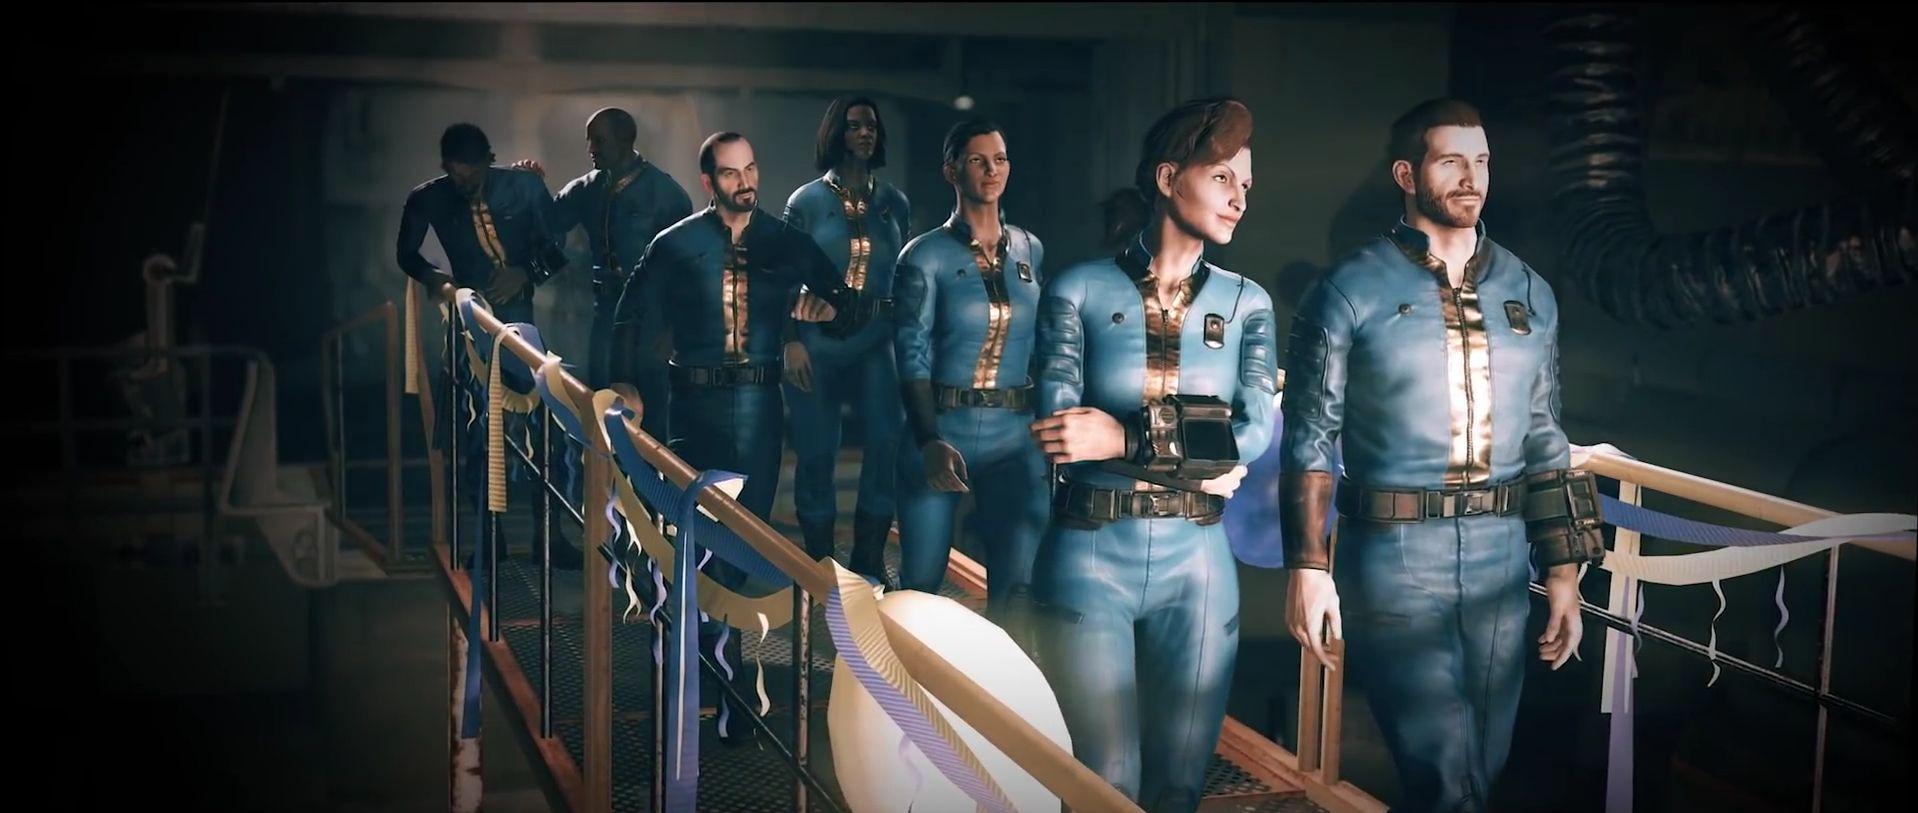 Fallout 76: Beta startet auf Xbox One bei uns mitten in der Nacht